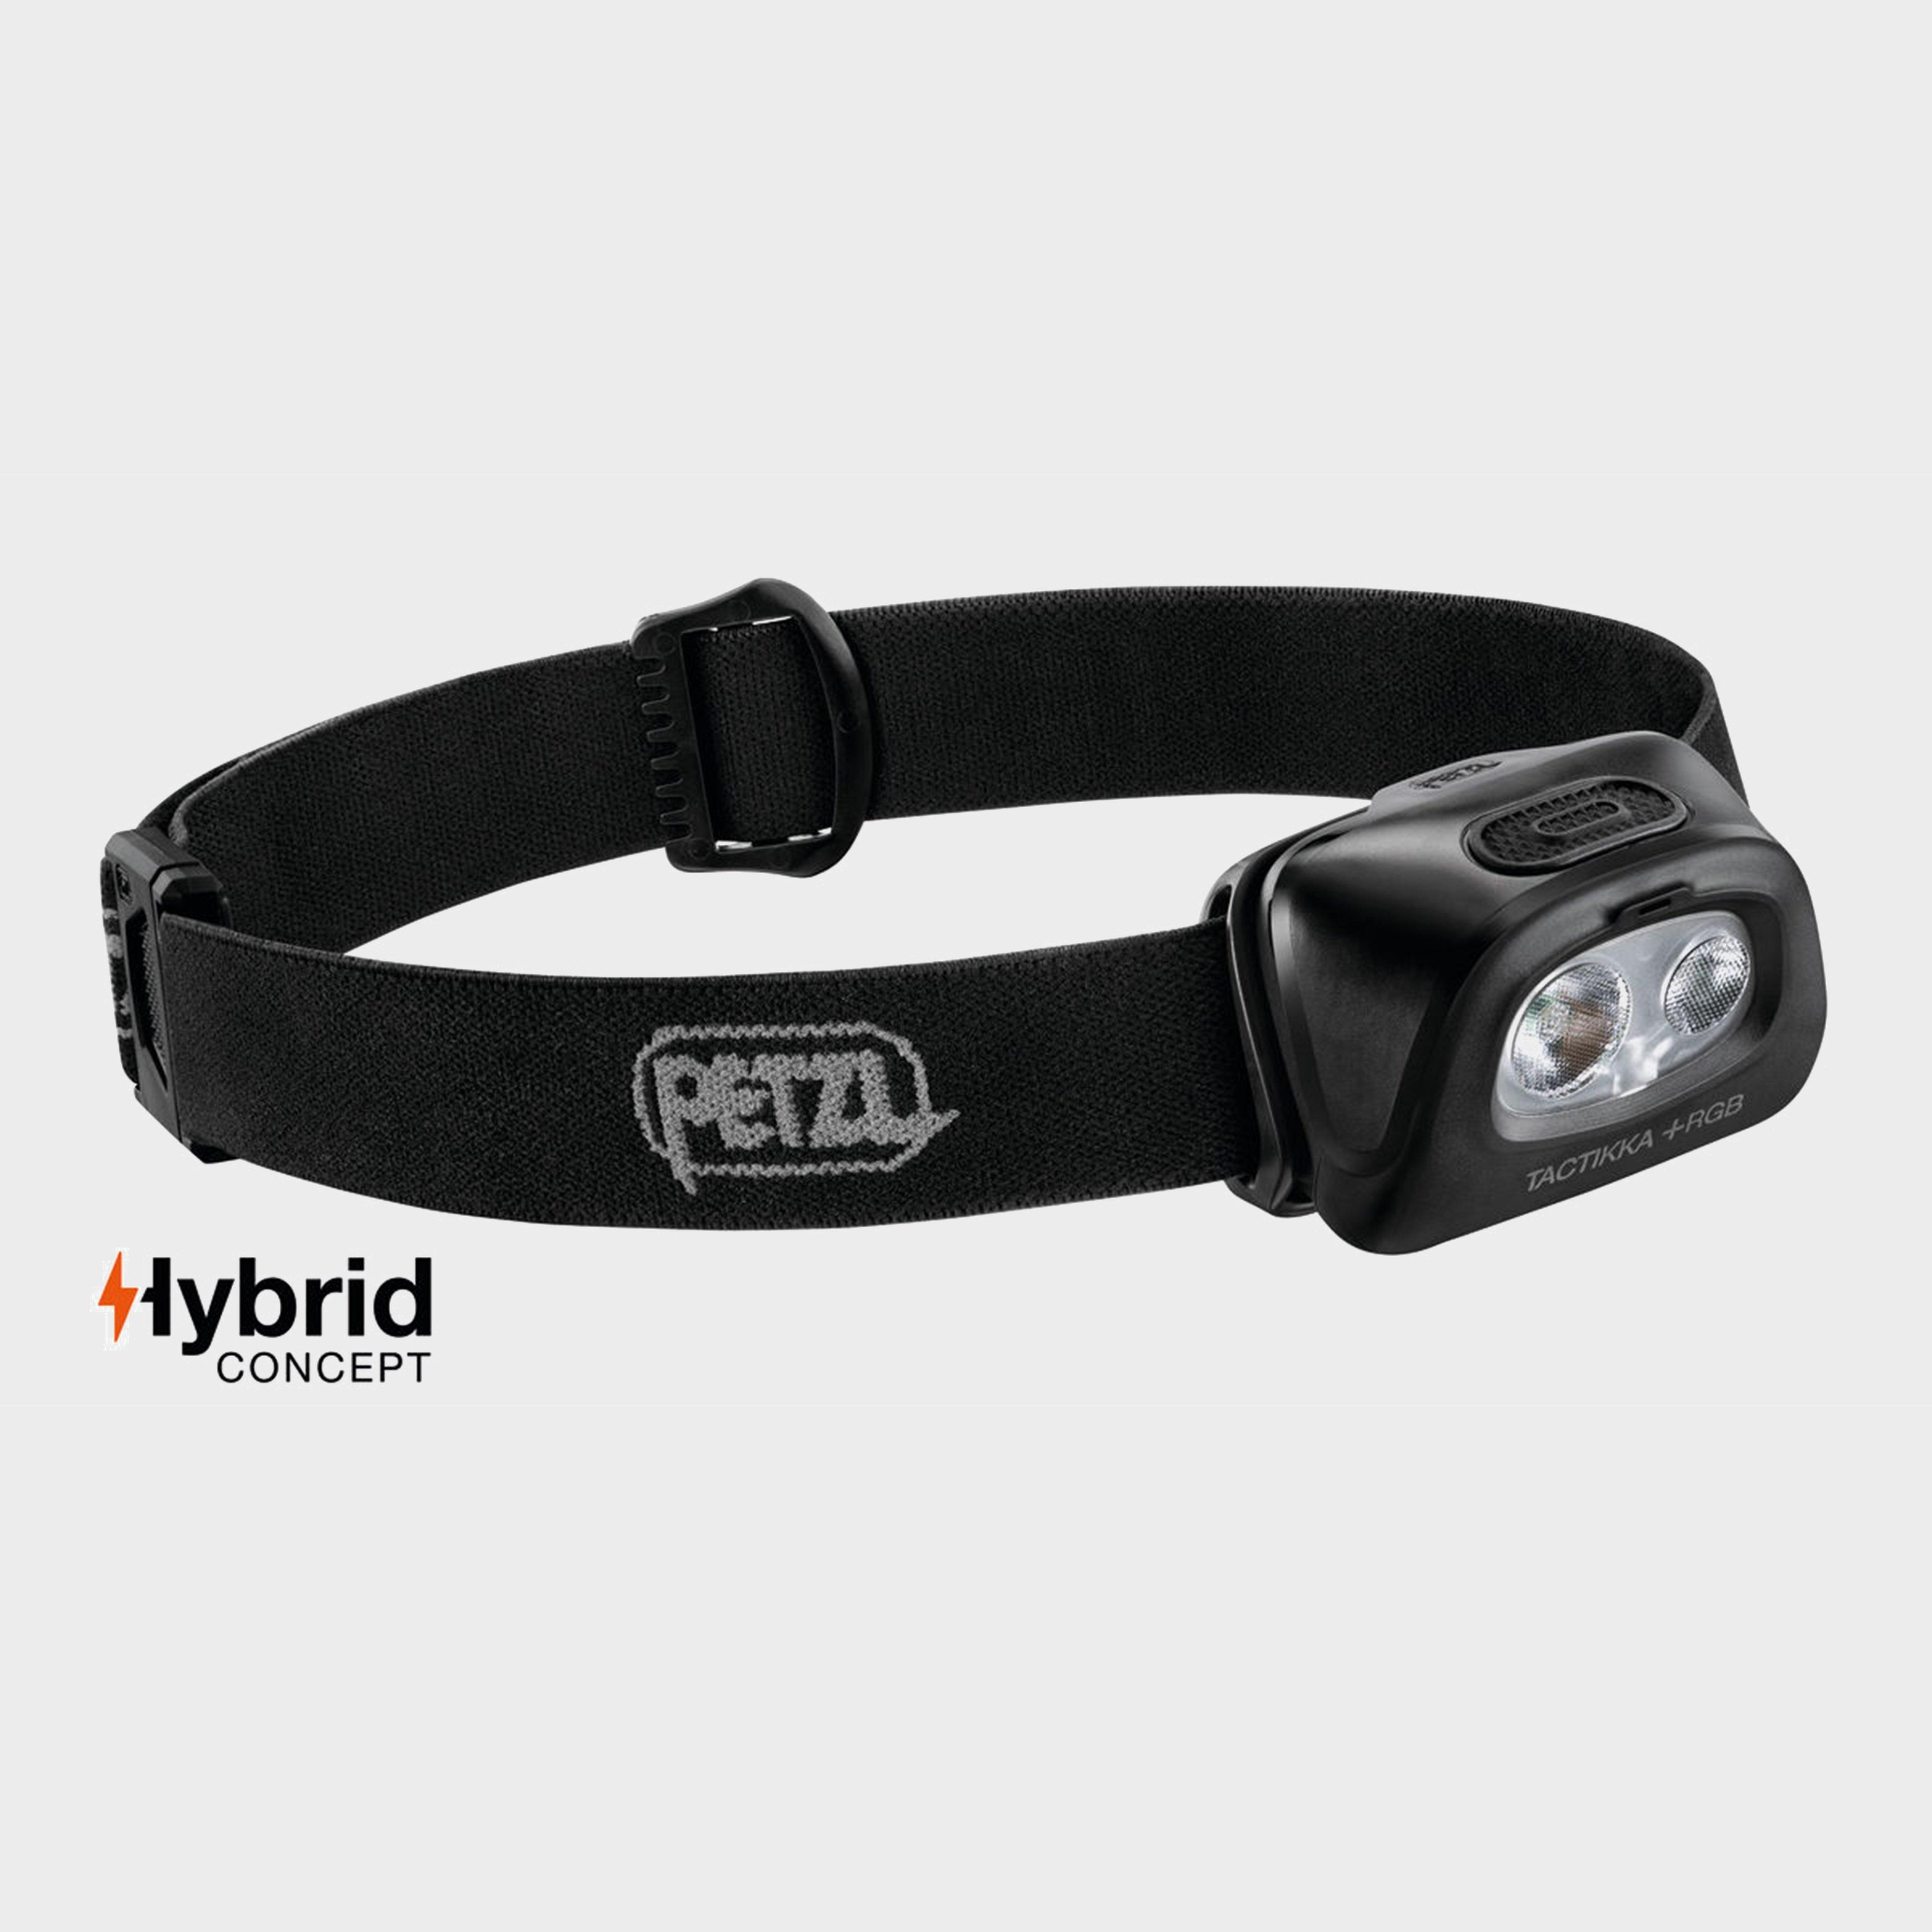 Petzl Petzl Tactikka + RGB Headlamp - Black, Black